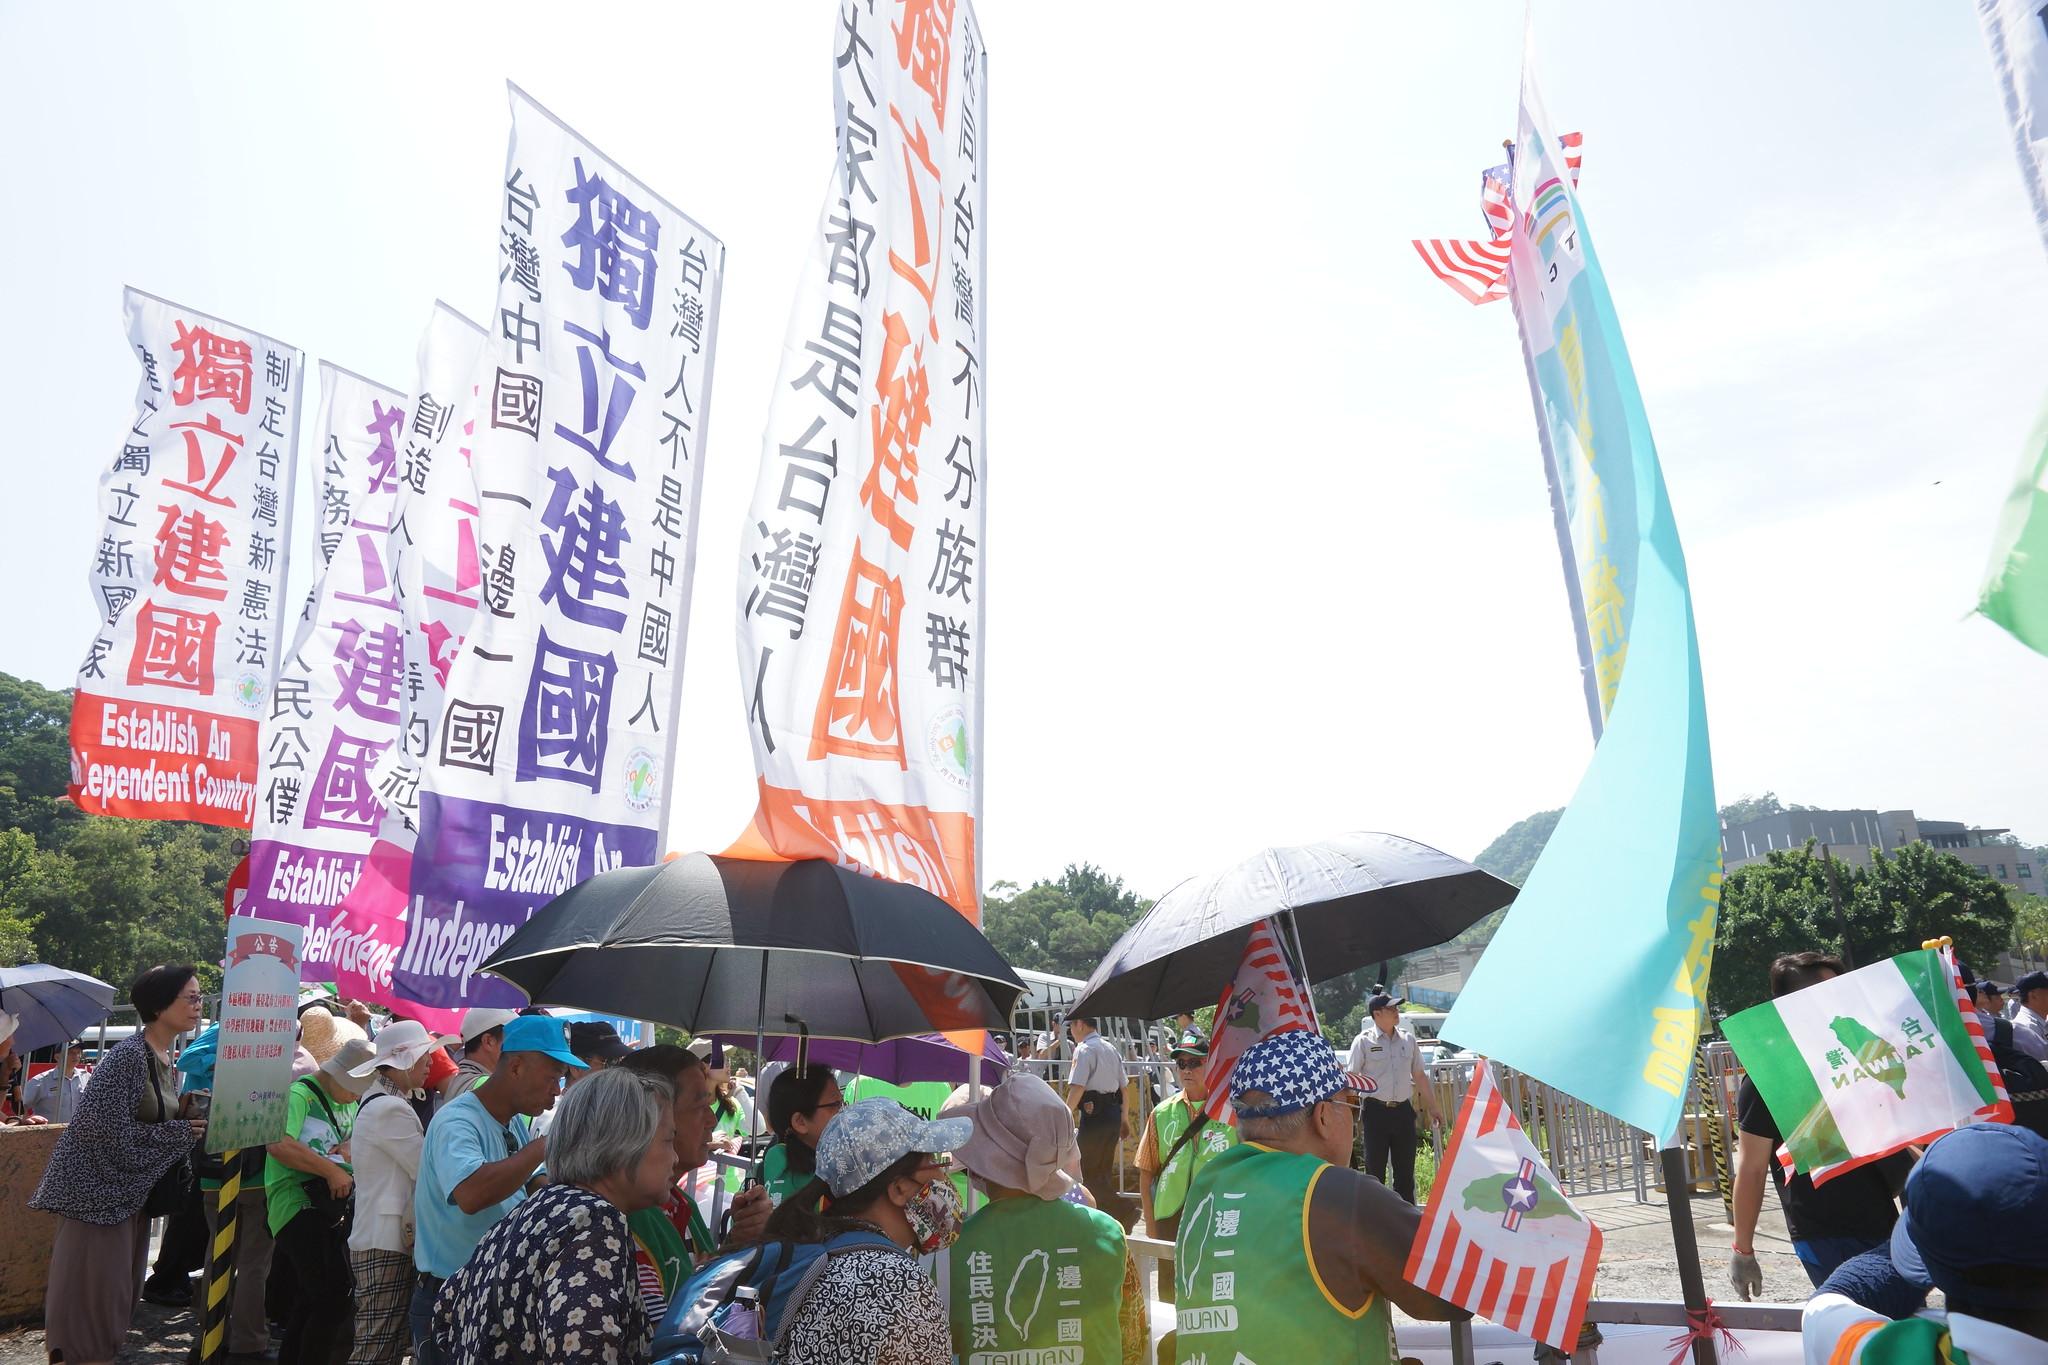 統派團體對面是獨派團體的「台灣獨立」旗幟。(攝影:王顥中)